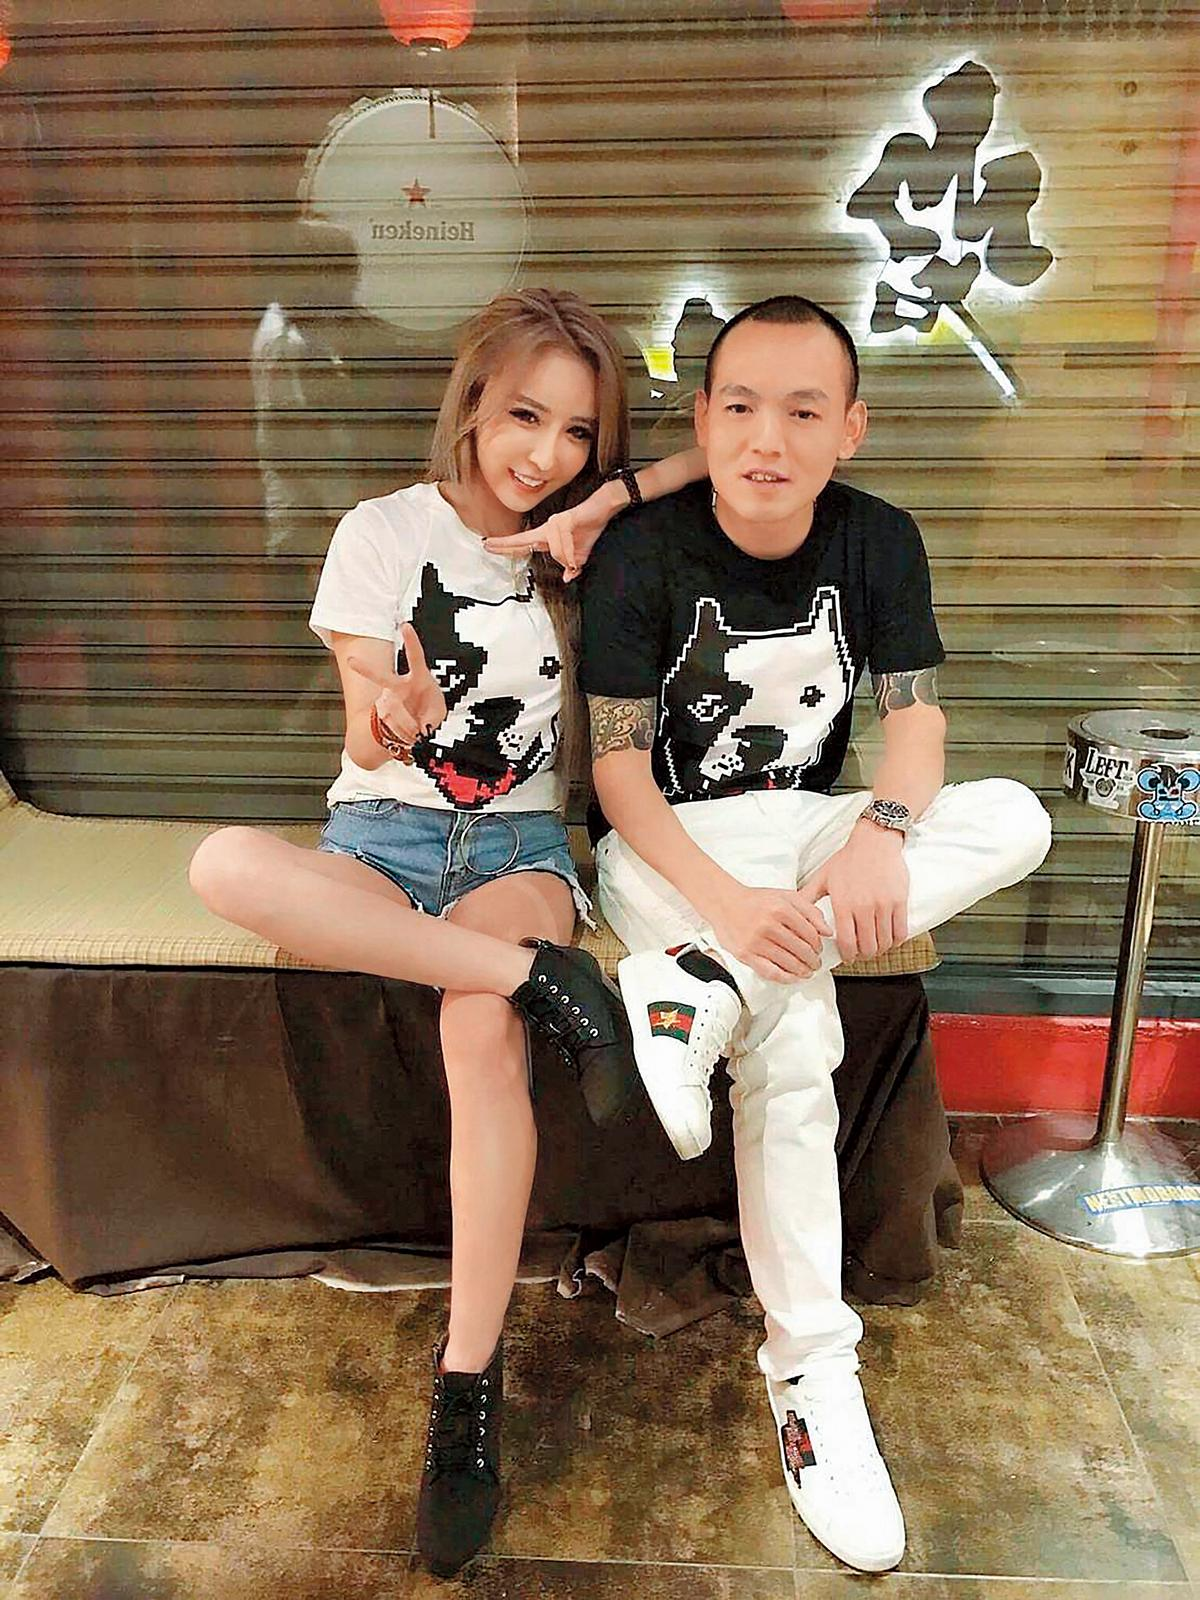 雪碧(左)在臉書放上和春風穿著同款大頭狗圖樣T恤,雖然女生對外說是業配,但實則為兩人刻意買的情侶裝。(讀者提供)